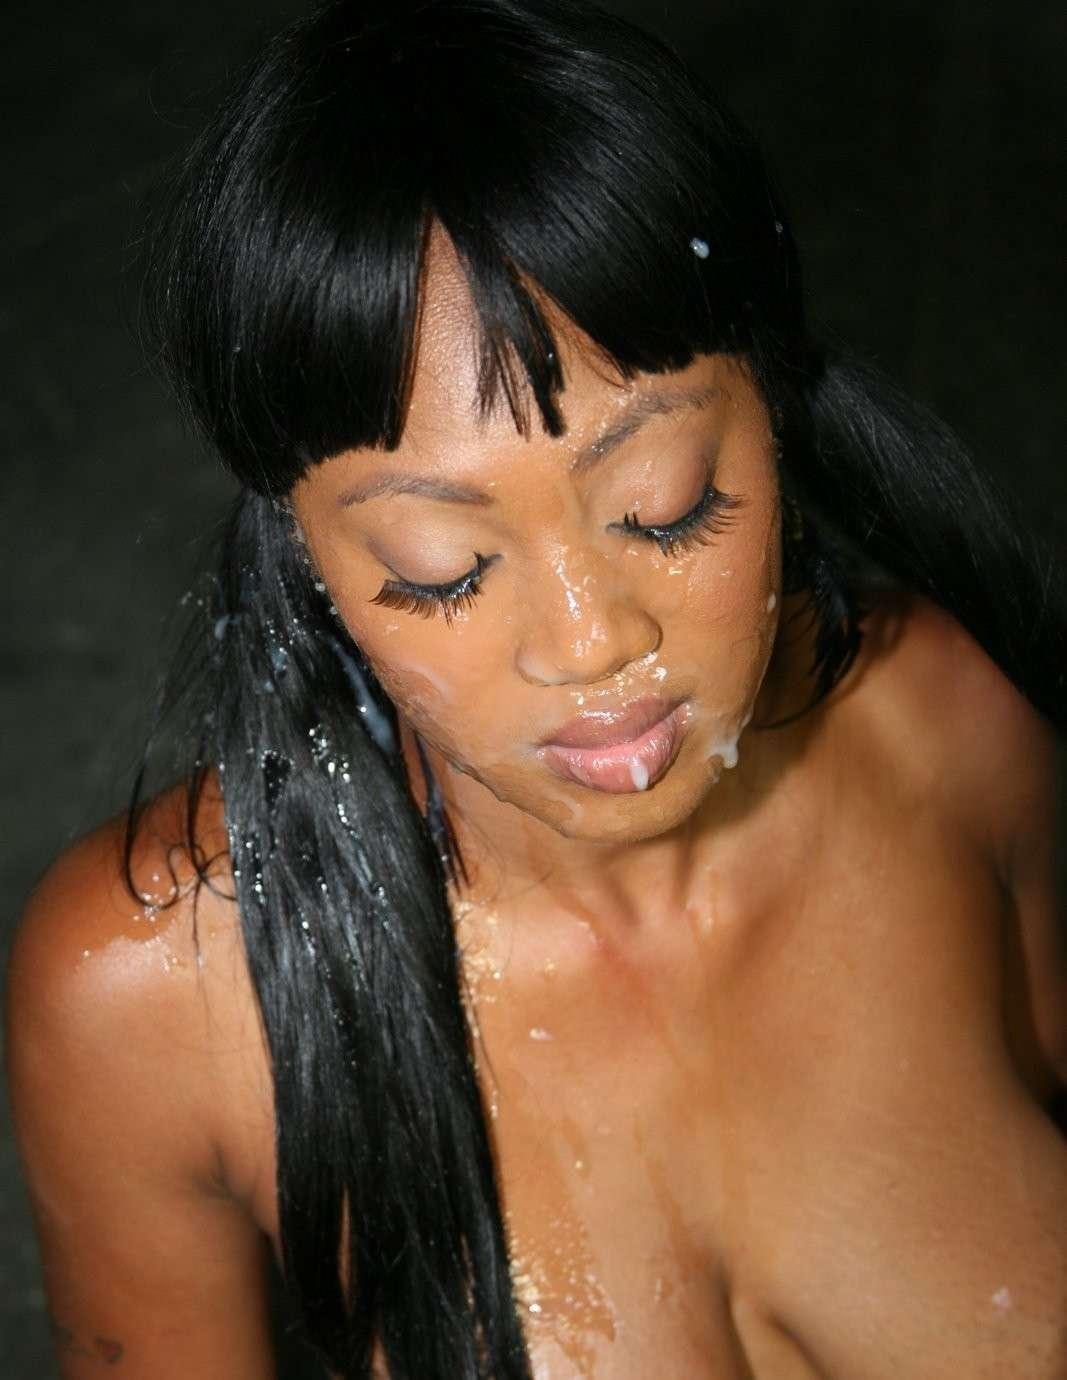 faciale black salope (109)